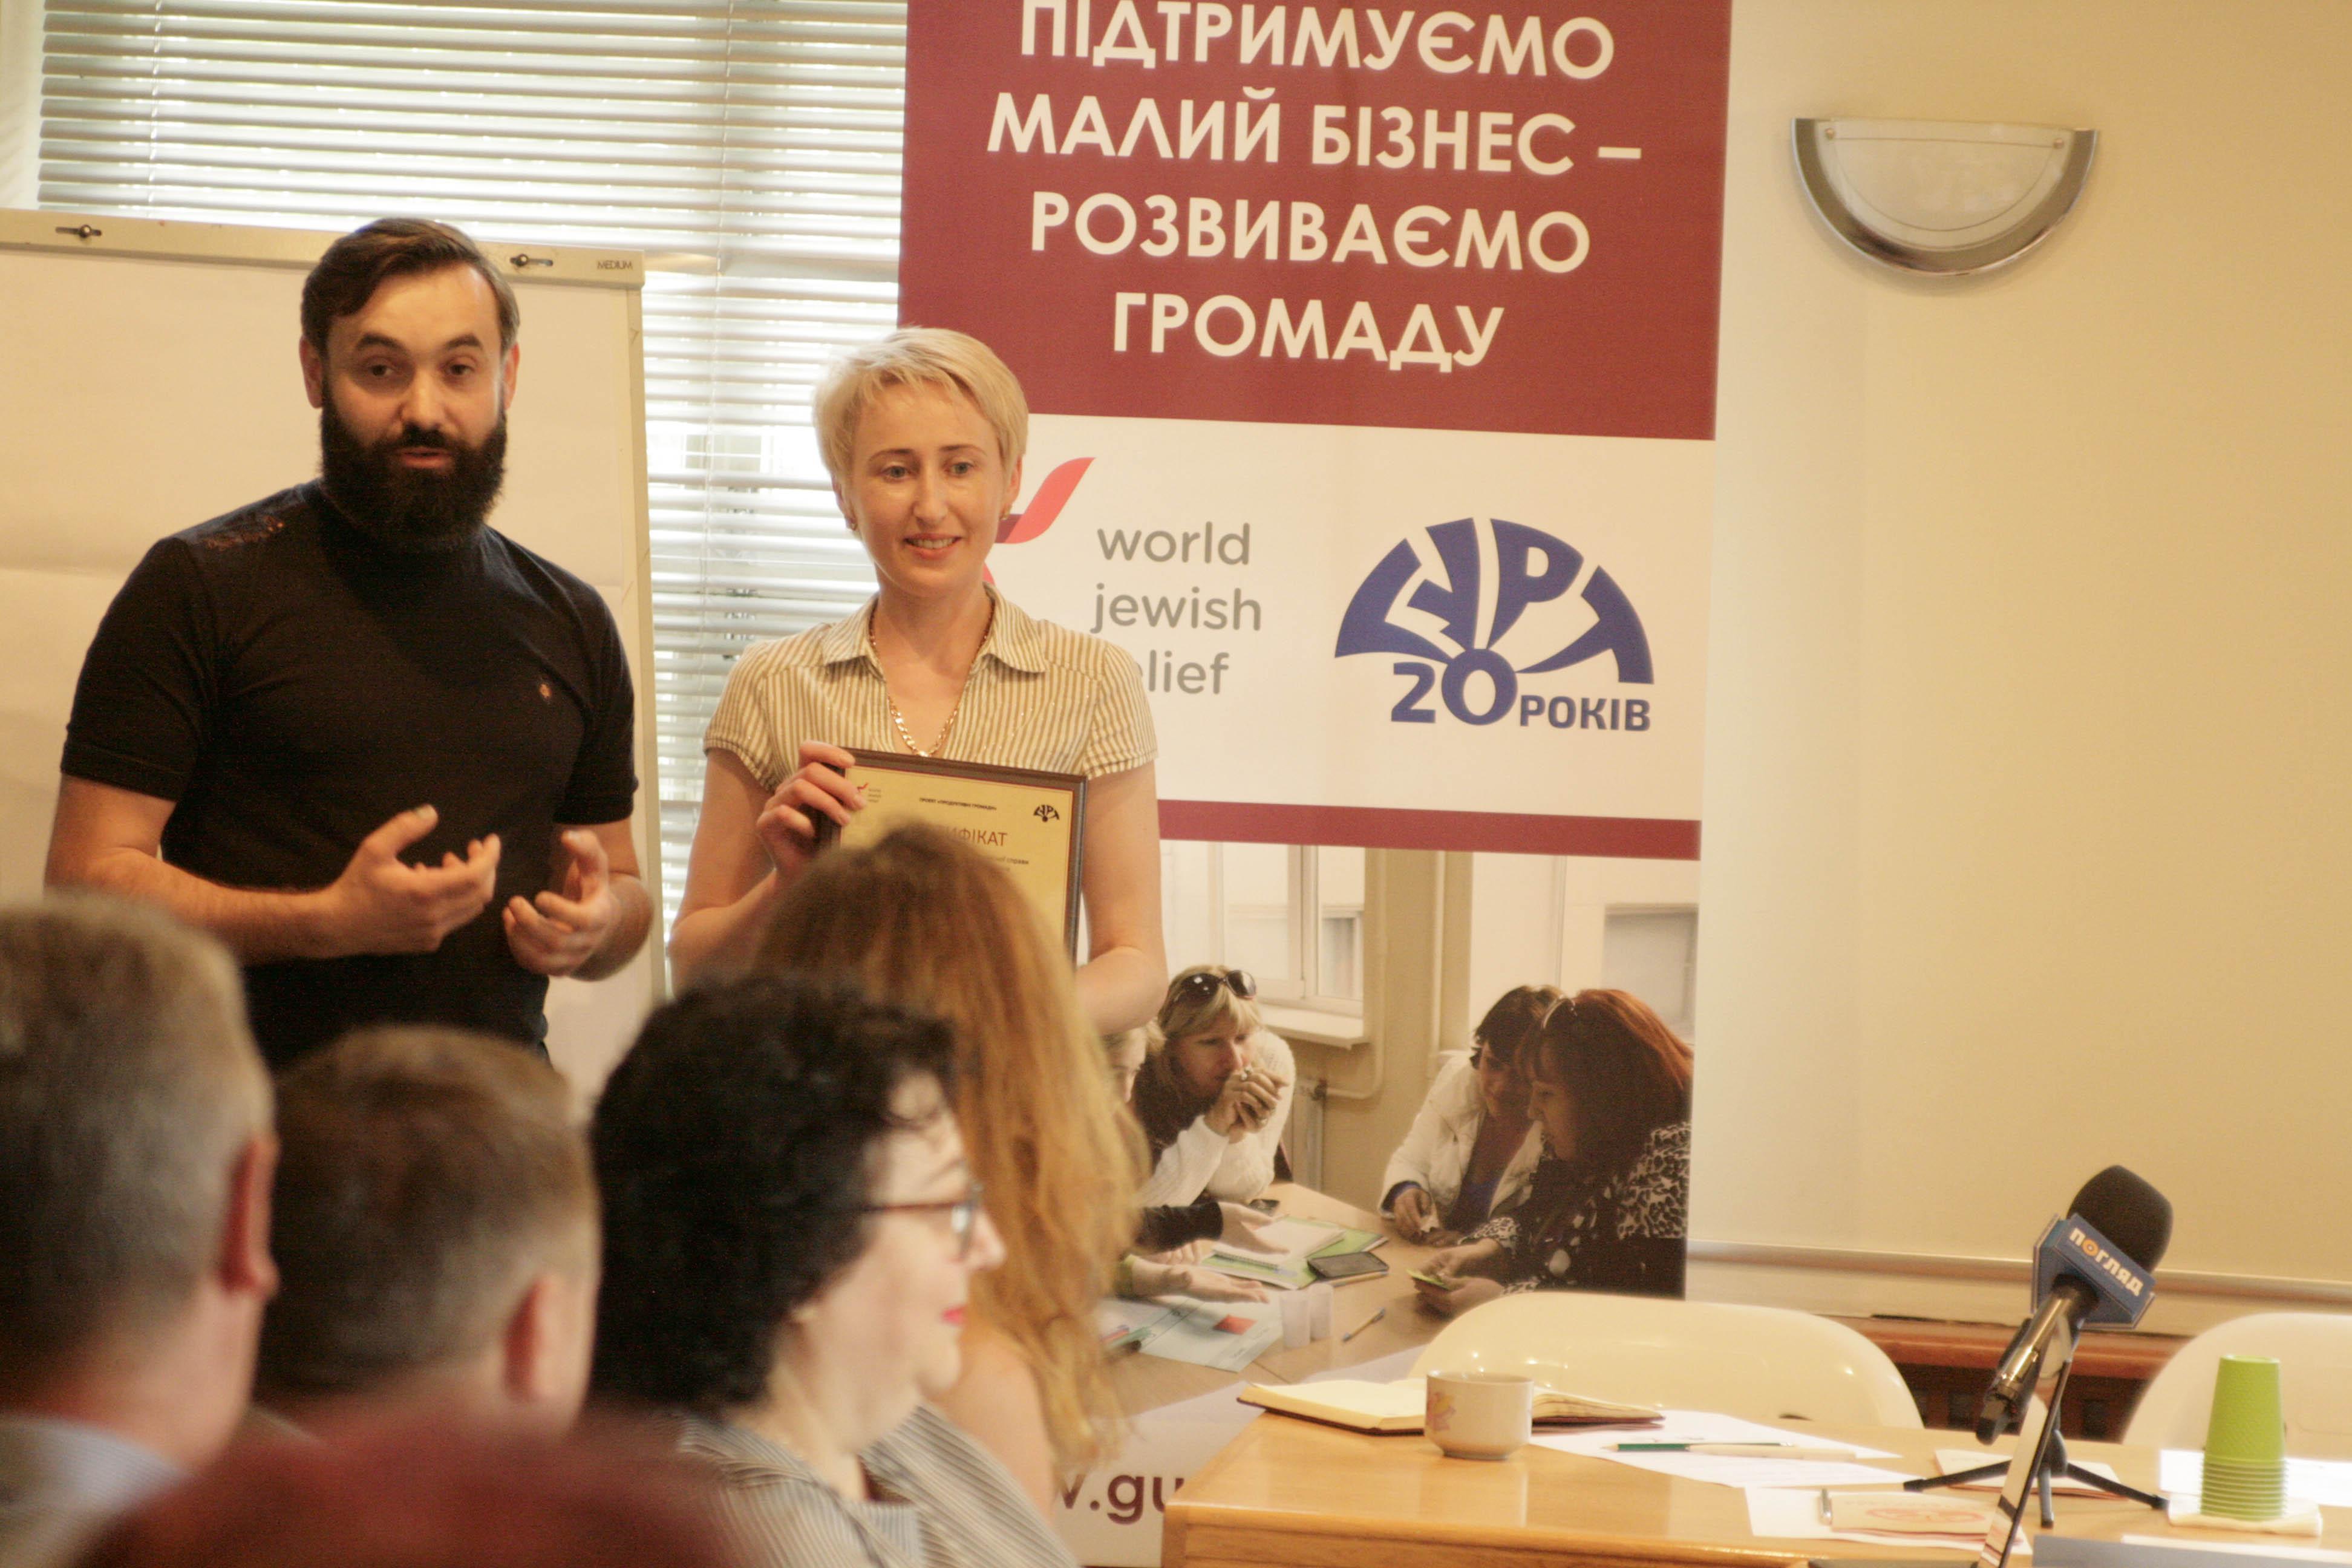 MG_3250 216 тис. грн. для розвитку малого бізнесу: в Бородянці привітали переможців конкурсу бізнес-проектів